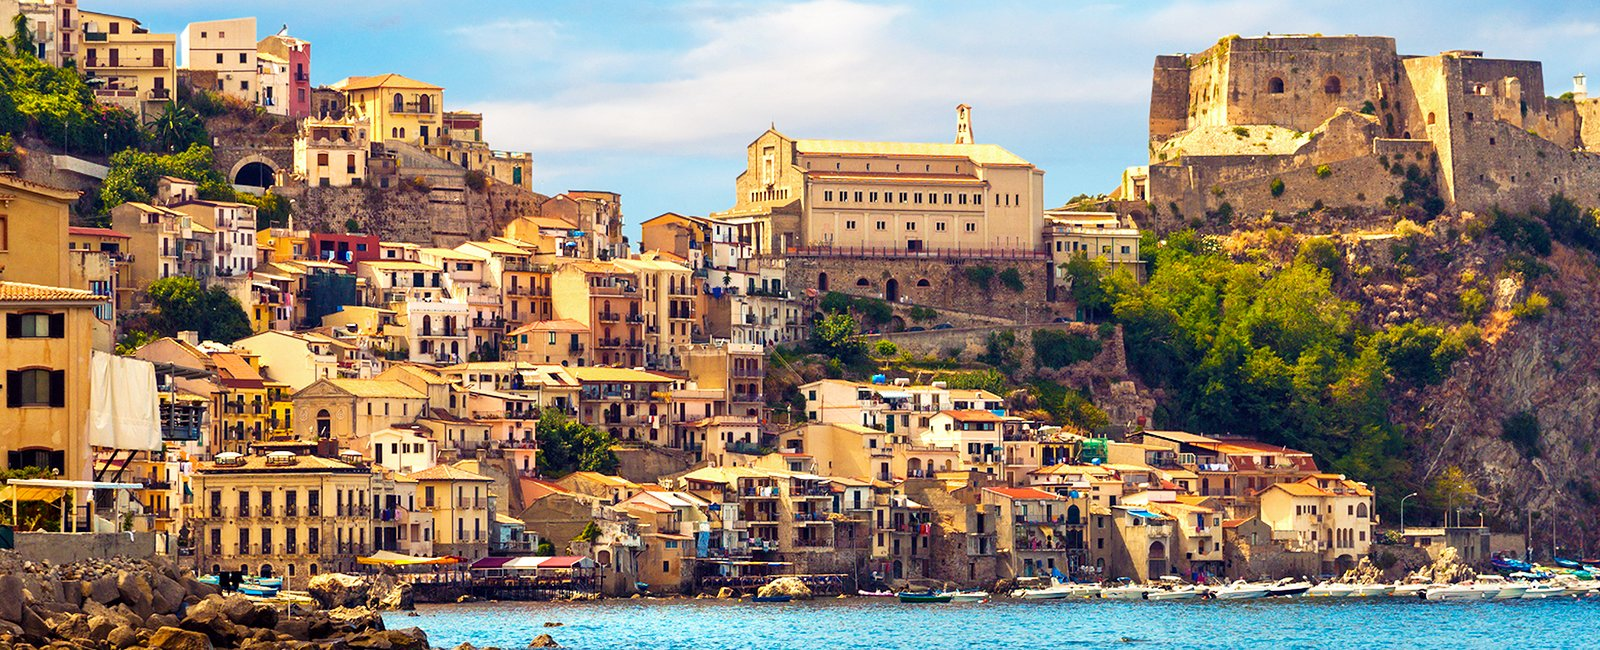 Voyage organis en italie du sud sicile 19 jours 23 mai - Voyage sans supplement chambre individuelle ...